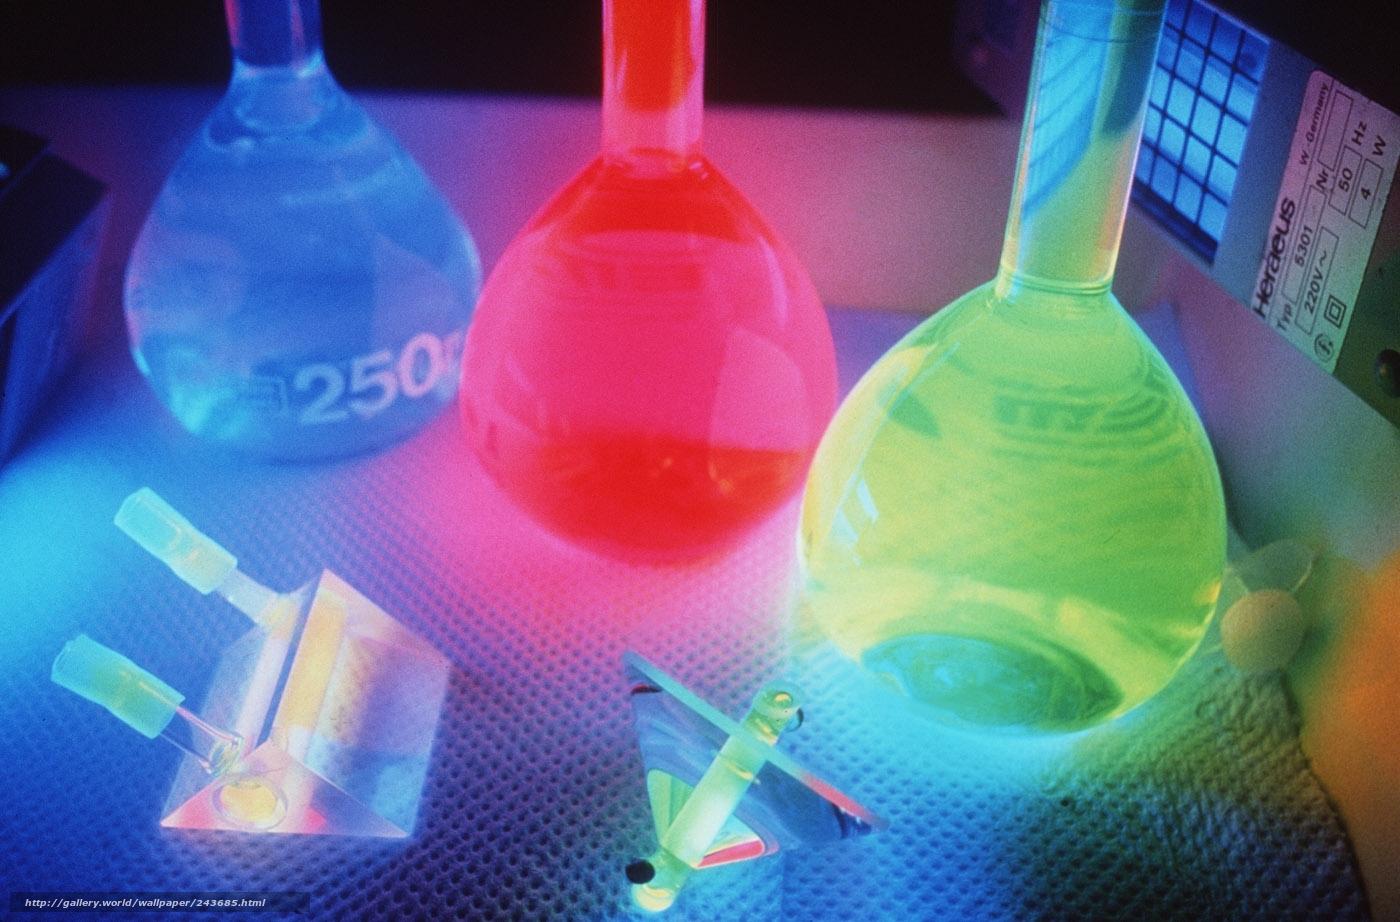 Как дома сделать светящуюся жидкость из подручных средств